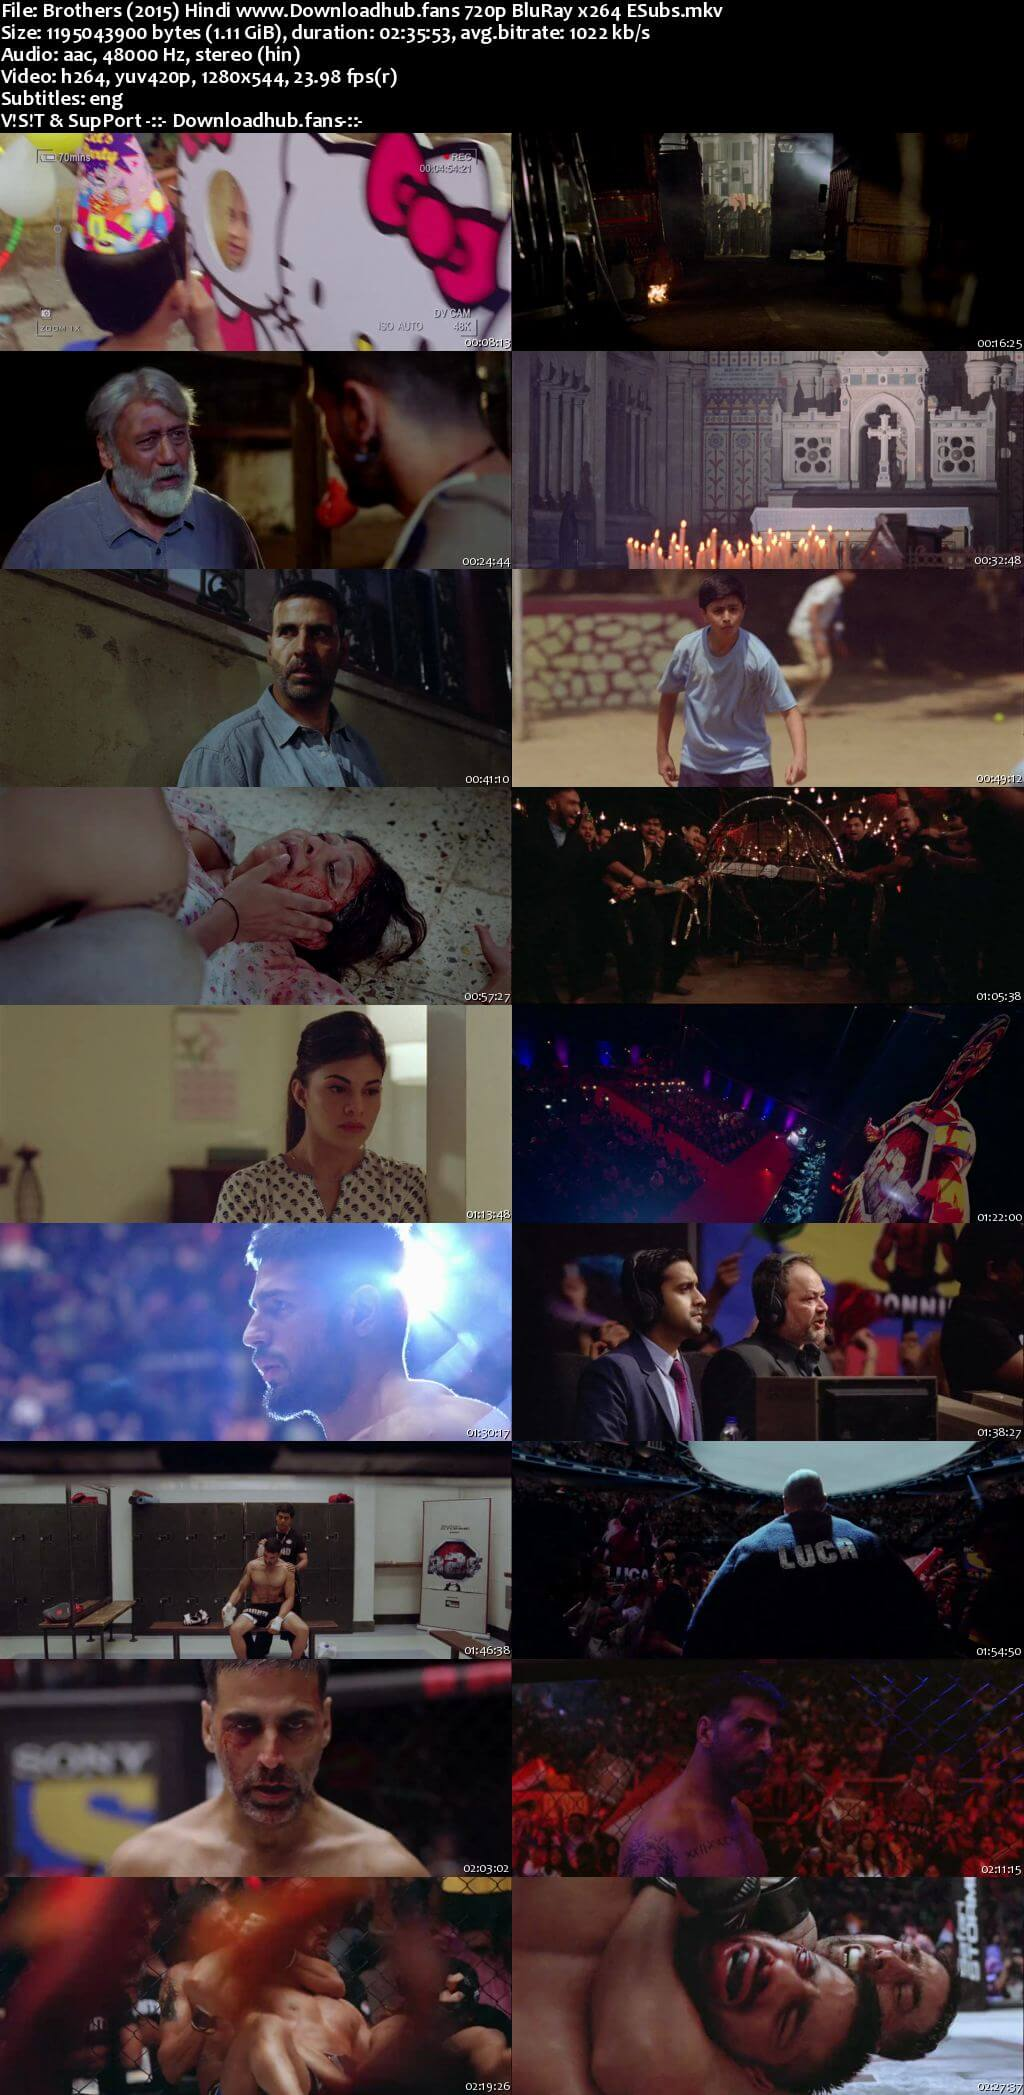 Brothers 2015 Hindi 720p BluRay ESubs